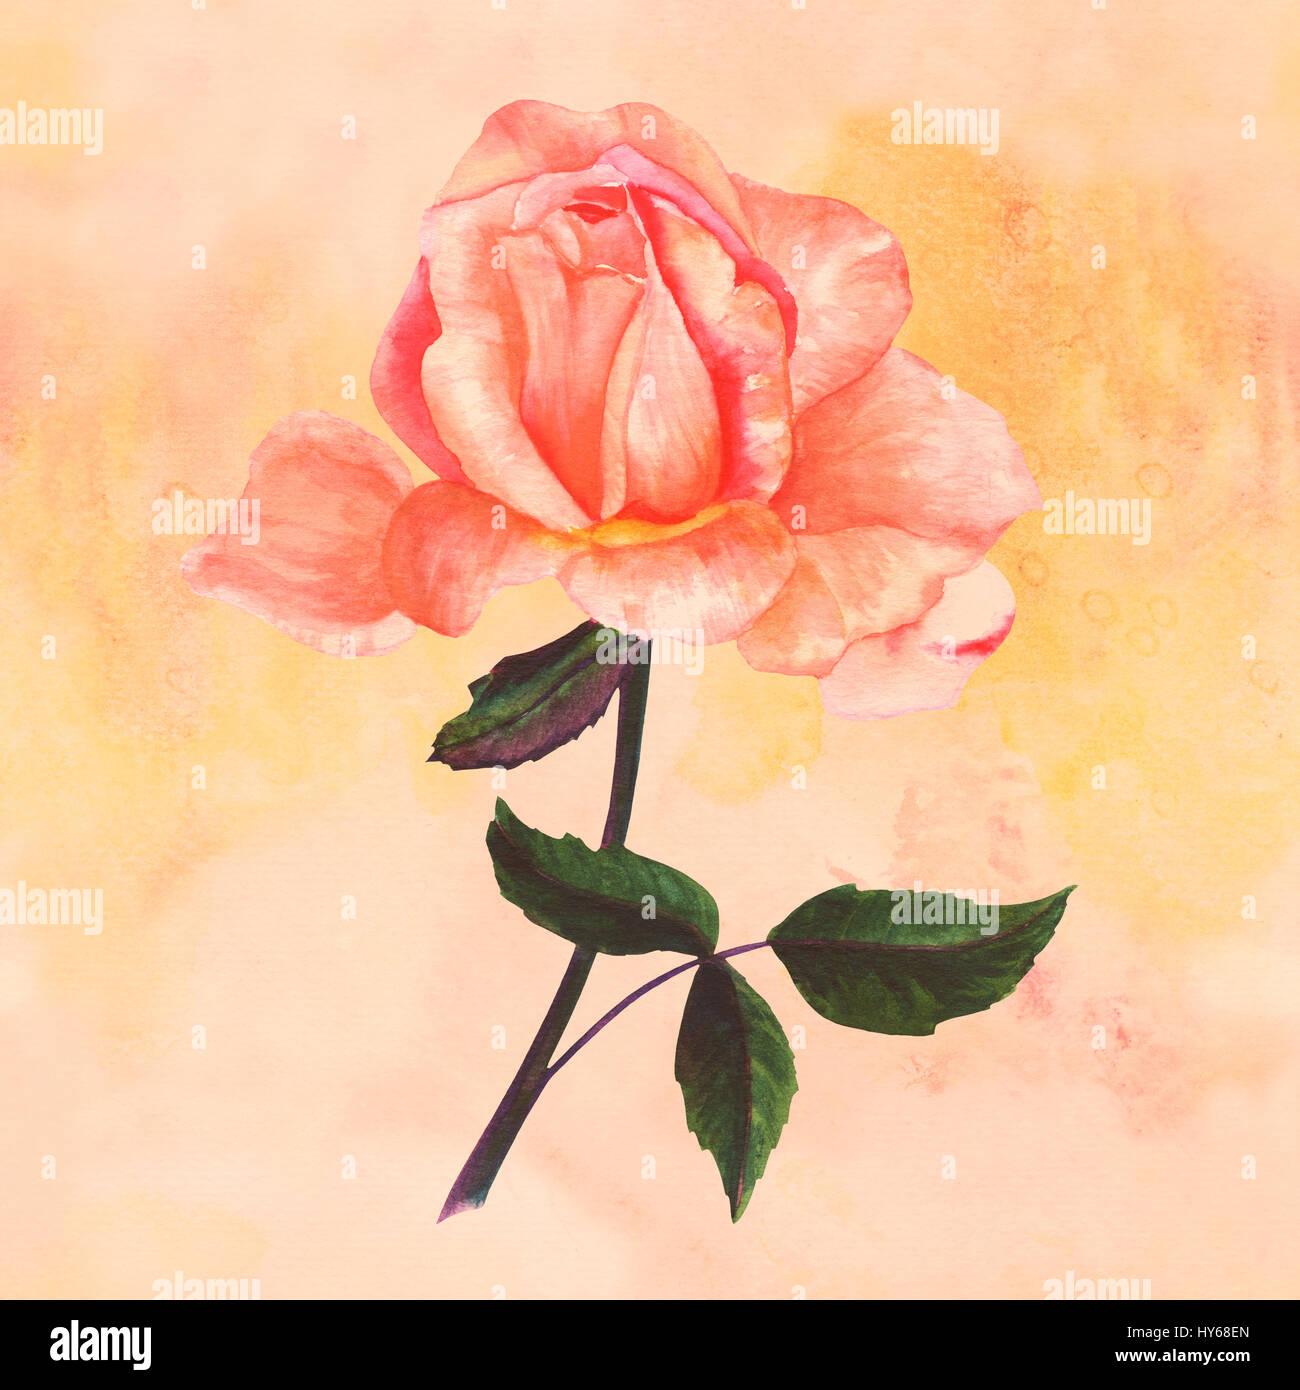 Une Aquarelle Dessin D Une Fleur Rose Rose Tendre Peintes A La Main